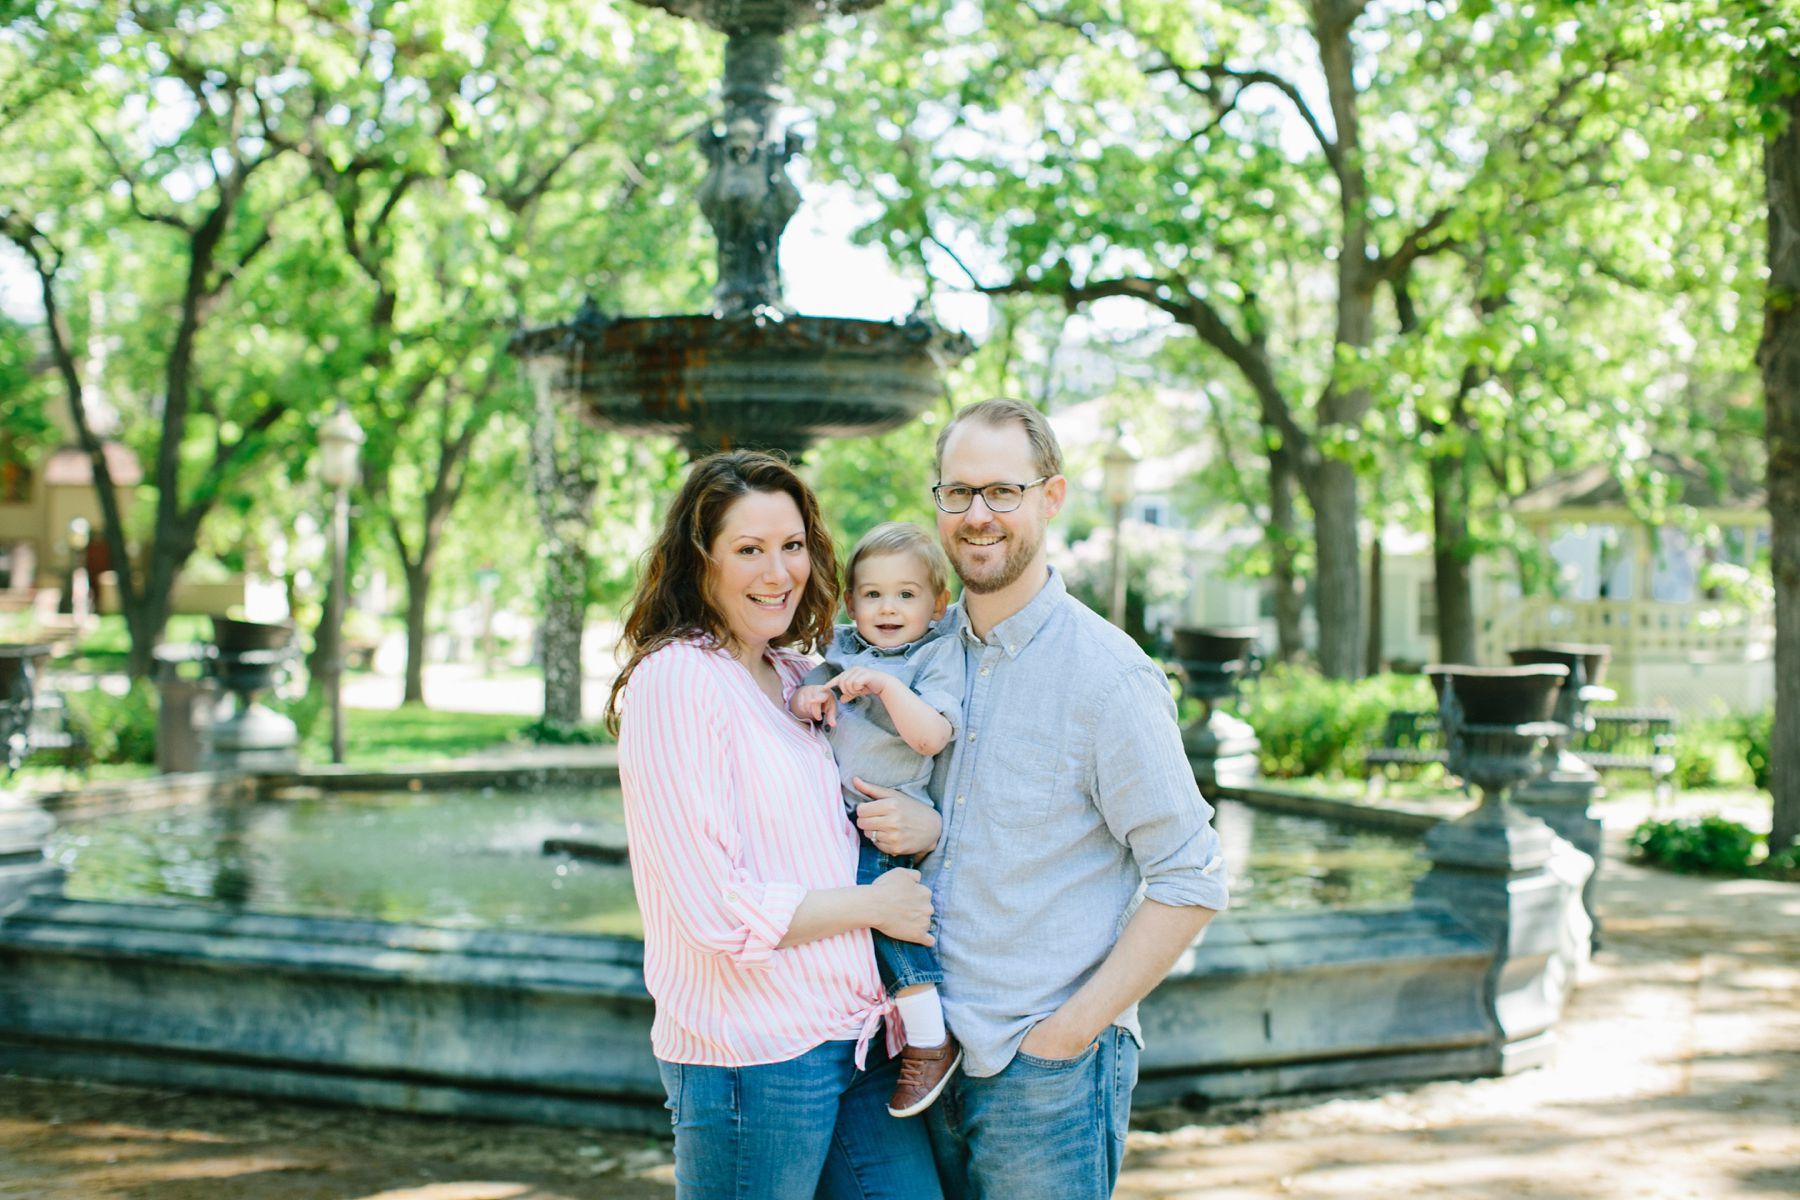 Saint_Paul_Family_Photos-Historic_Parks_1377.jpg